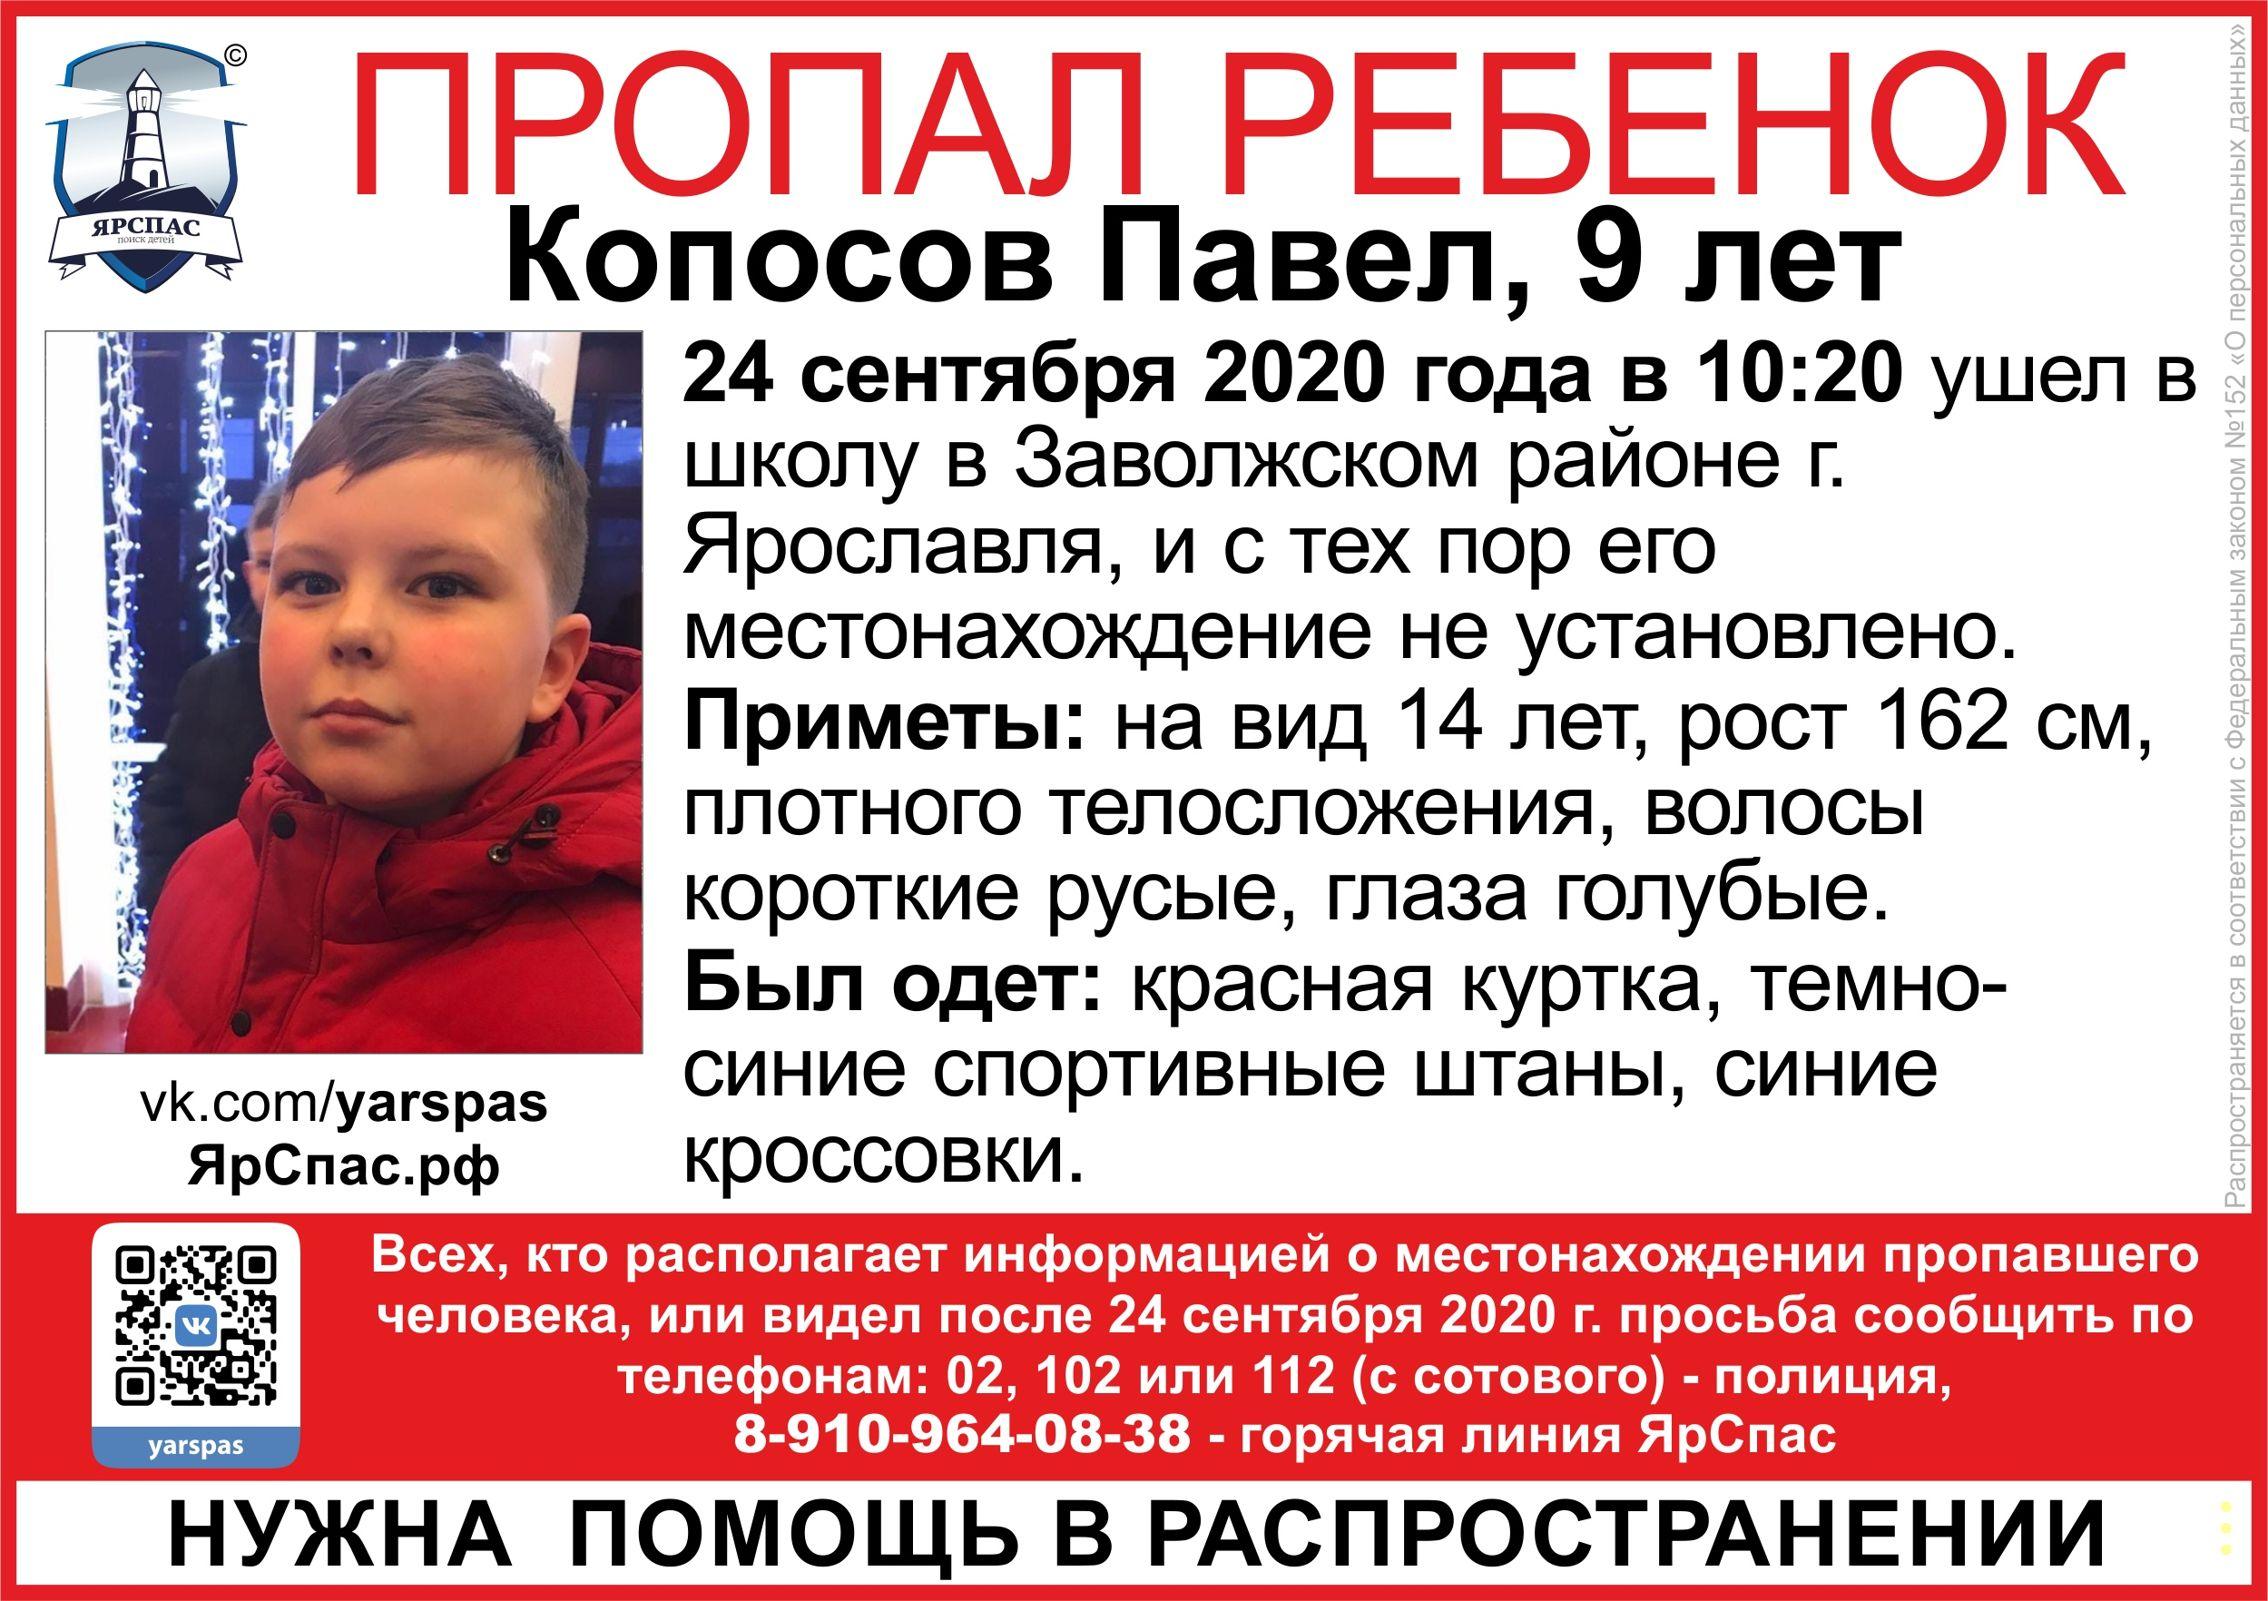 Ушел в школу, но на уроках не появился: в Ярославле ищут пропавшего мальчика